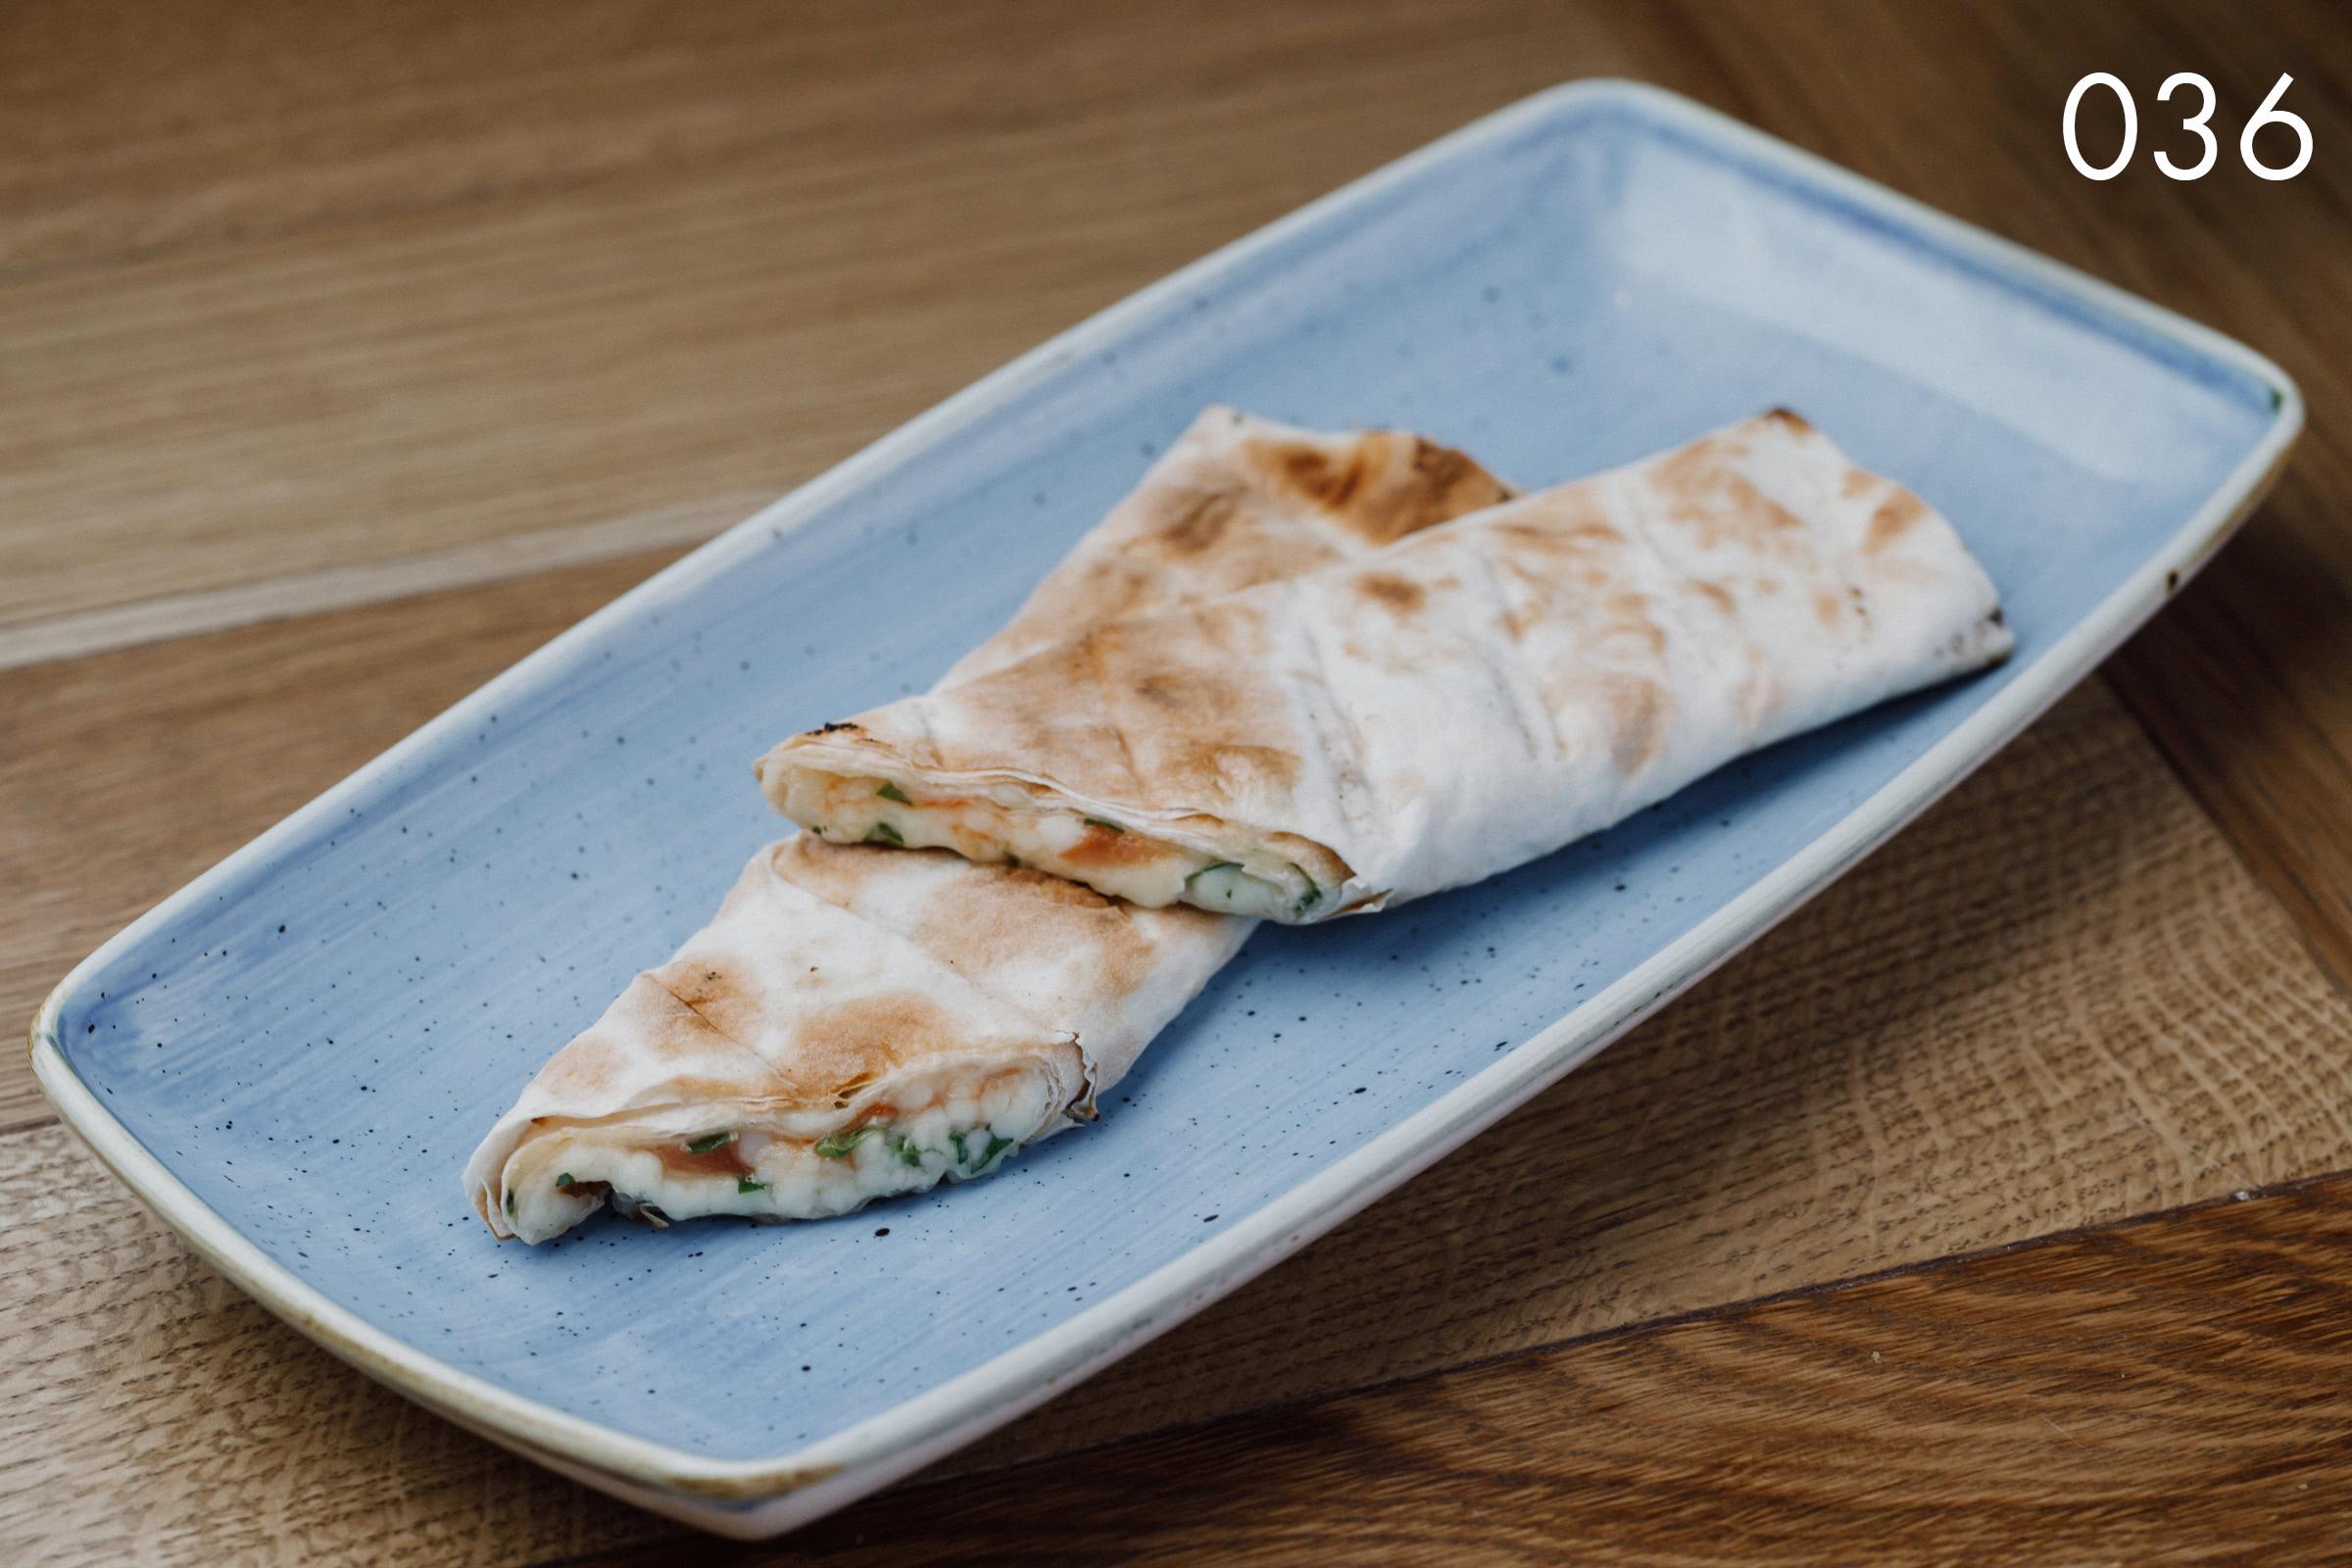 лаваш хоровац с сыром сулугуни, травами и томатами в ресторане Веранда